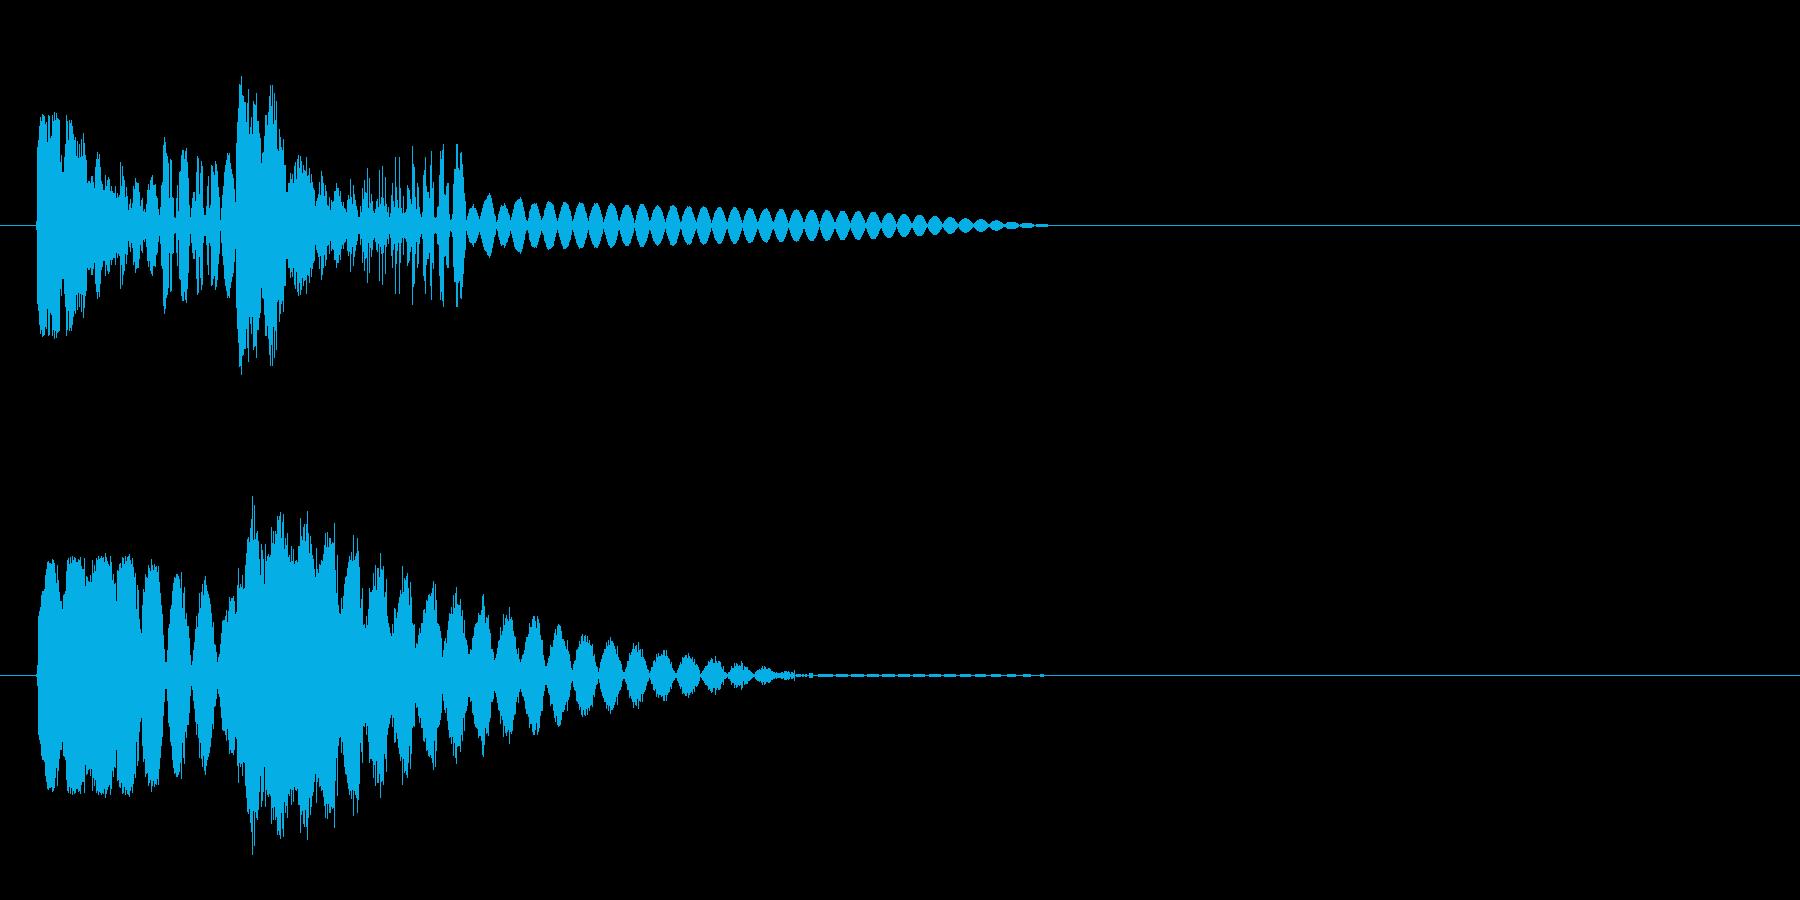 ピュピュン 射撃音4 レーザー銃などの再生済みの波形